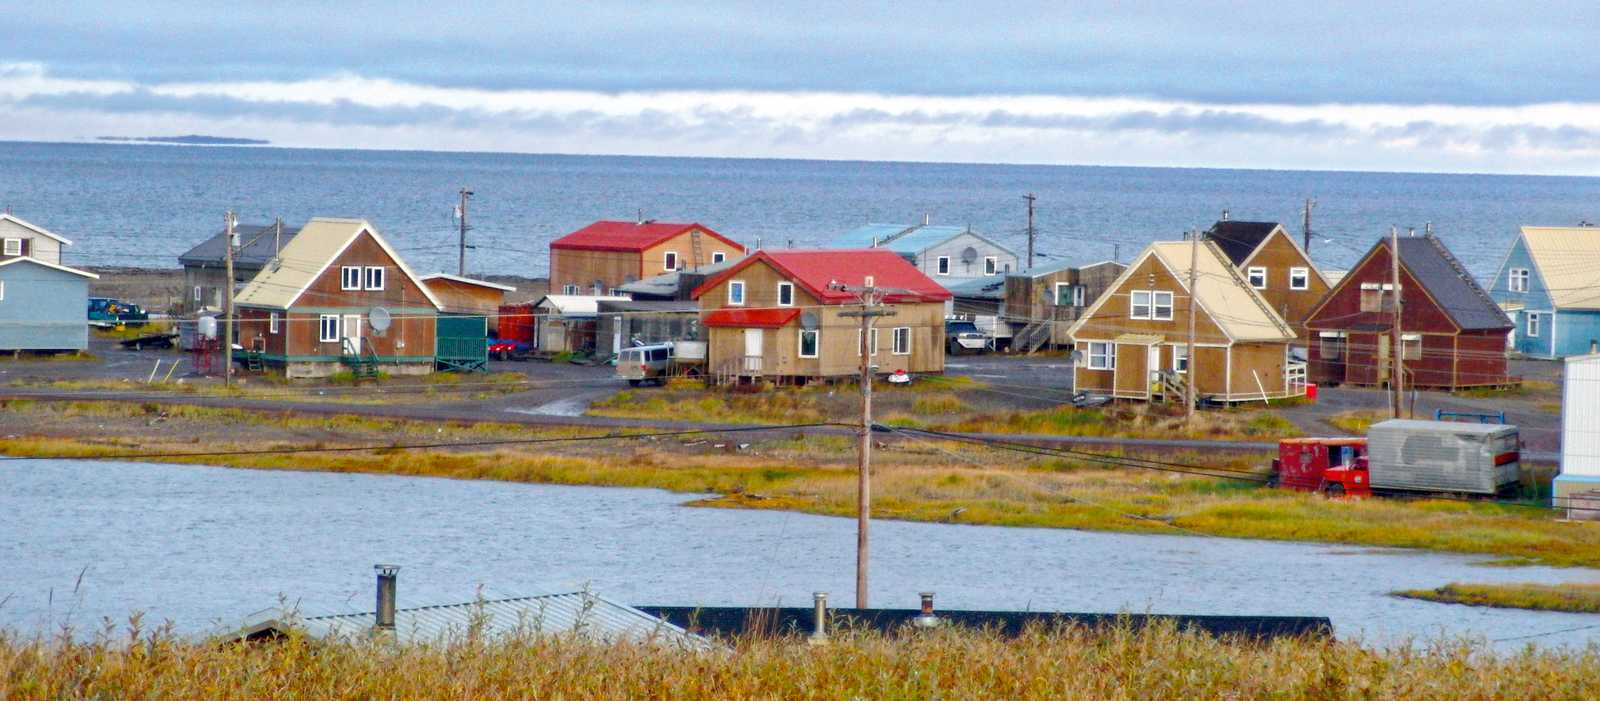 Häuser in Tuktoyaktuk